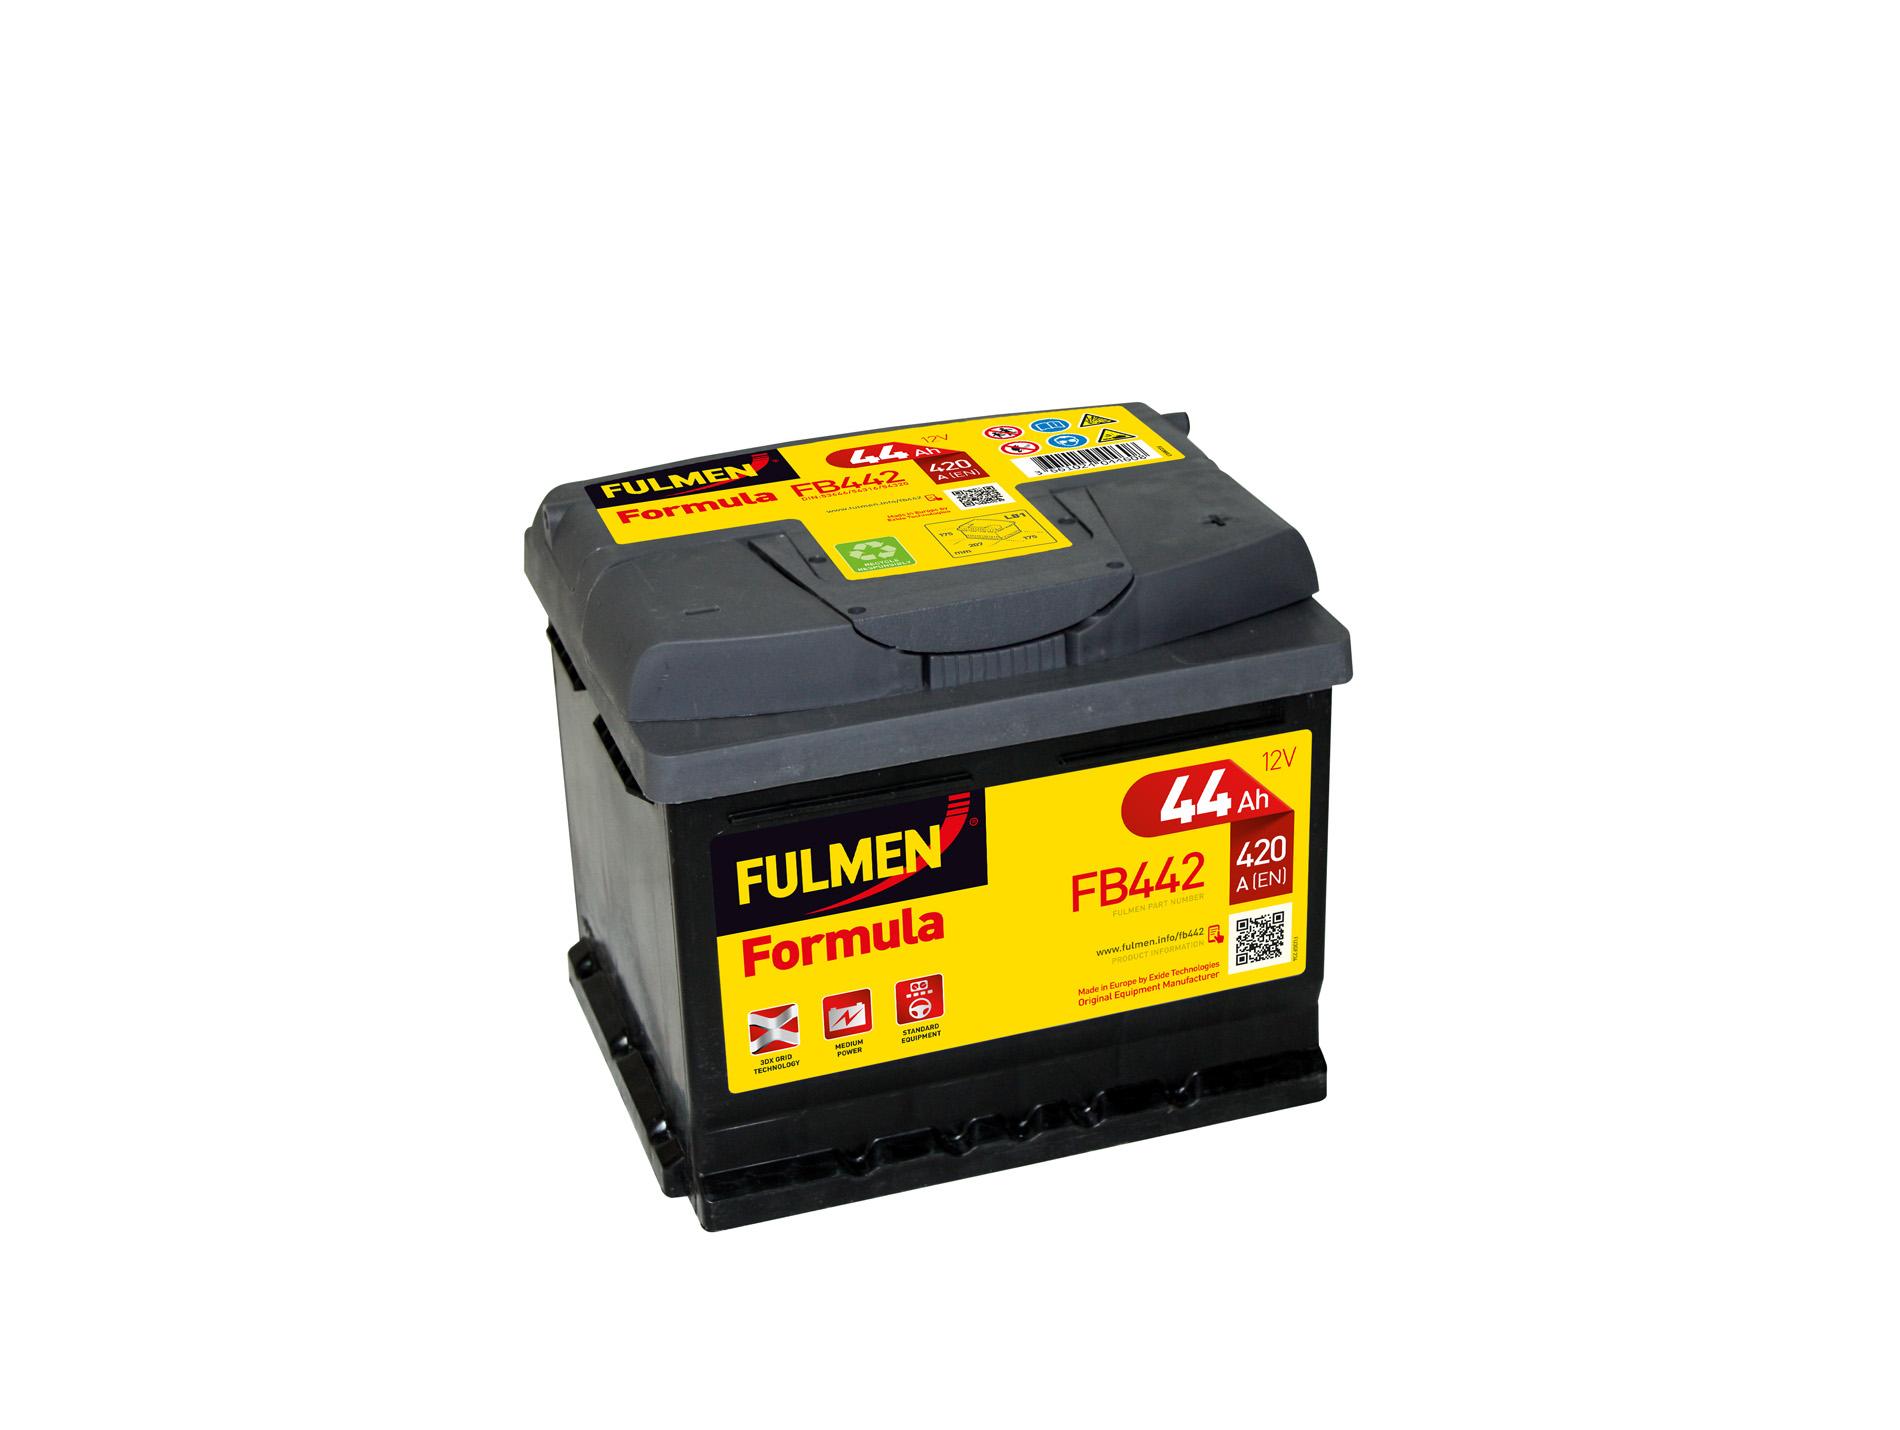 batterie fulmen formula fb442 12v 44ah 420a d batterie. Black Bedroom Furniture Sets. Home Design Ideas